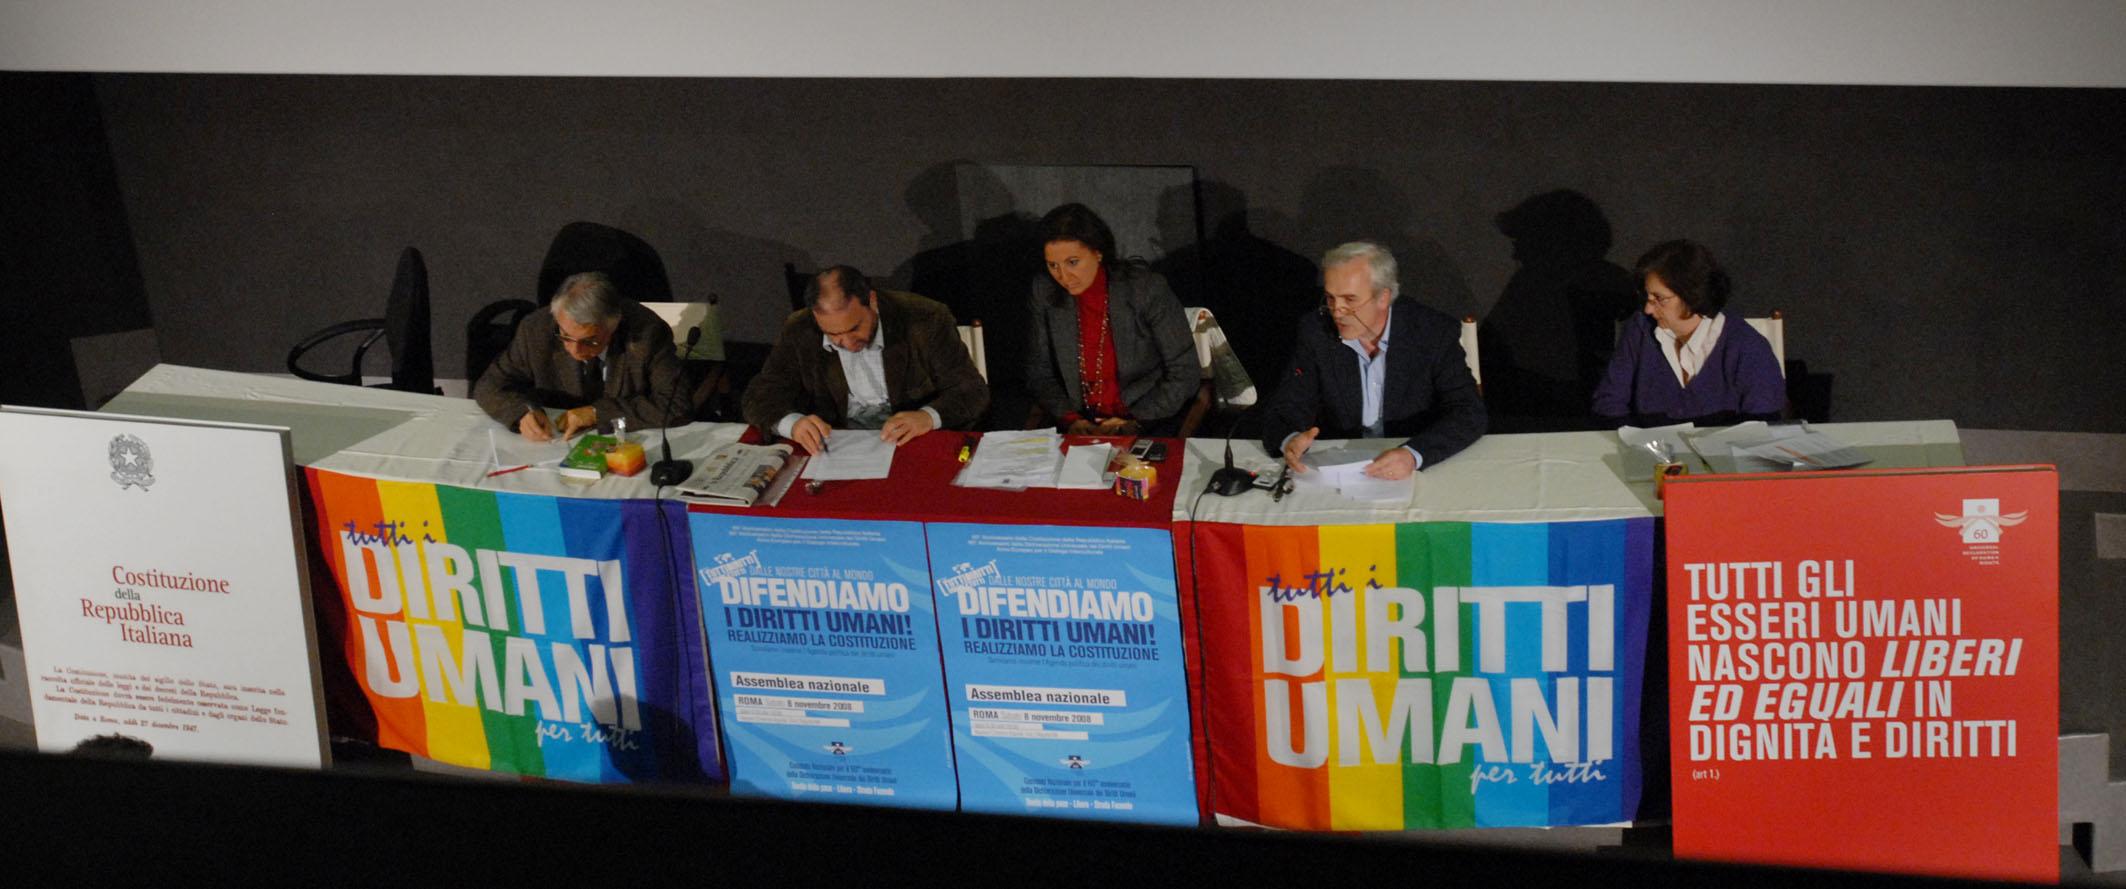 Diritti Umani ovunque, la sfida italiana della società